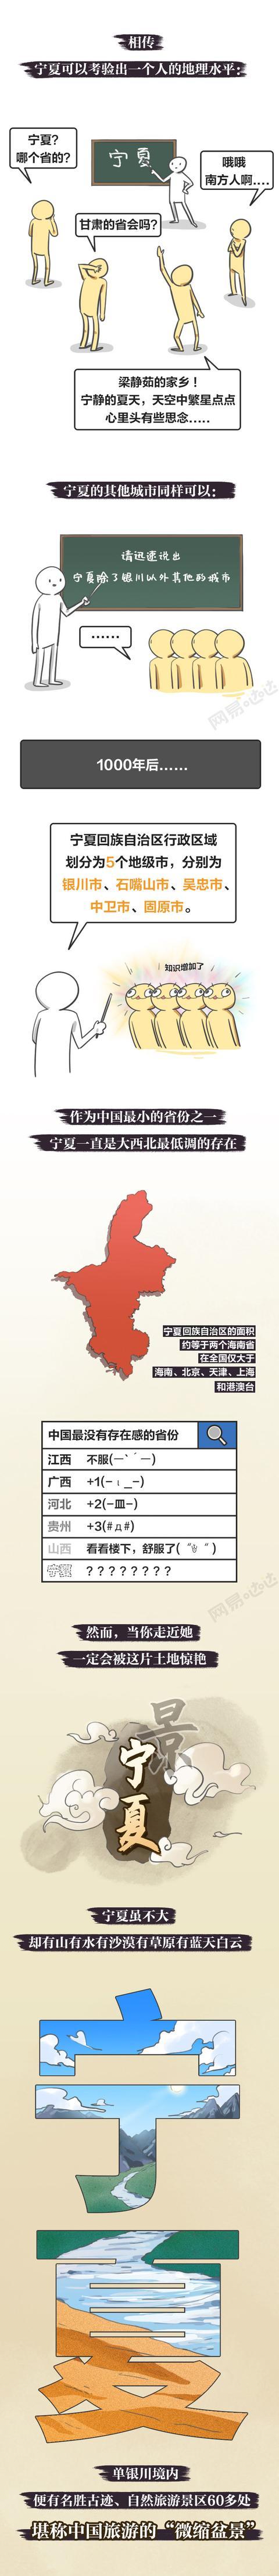 地理漫画,相传,宁夏可以考验一个人的地理水平,这要从何说起?(漫画)